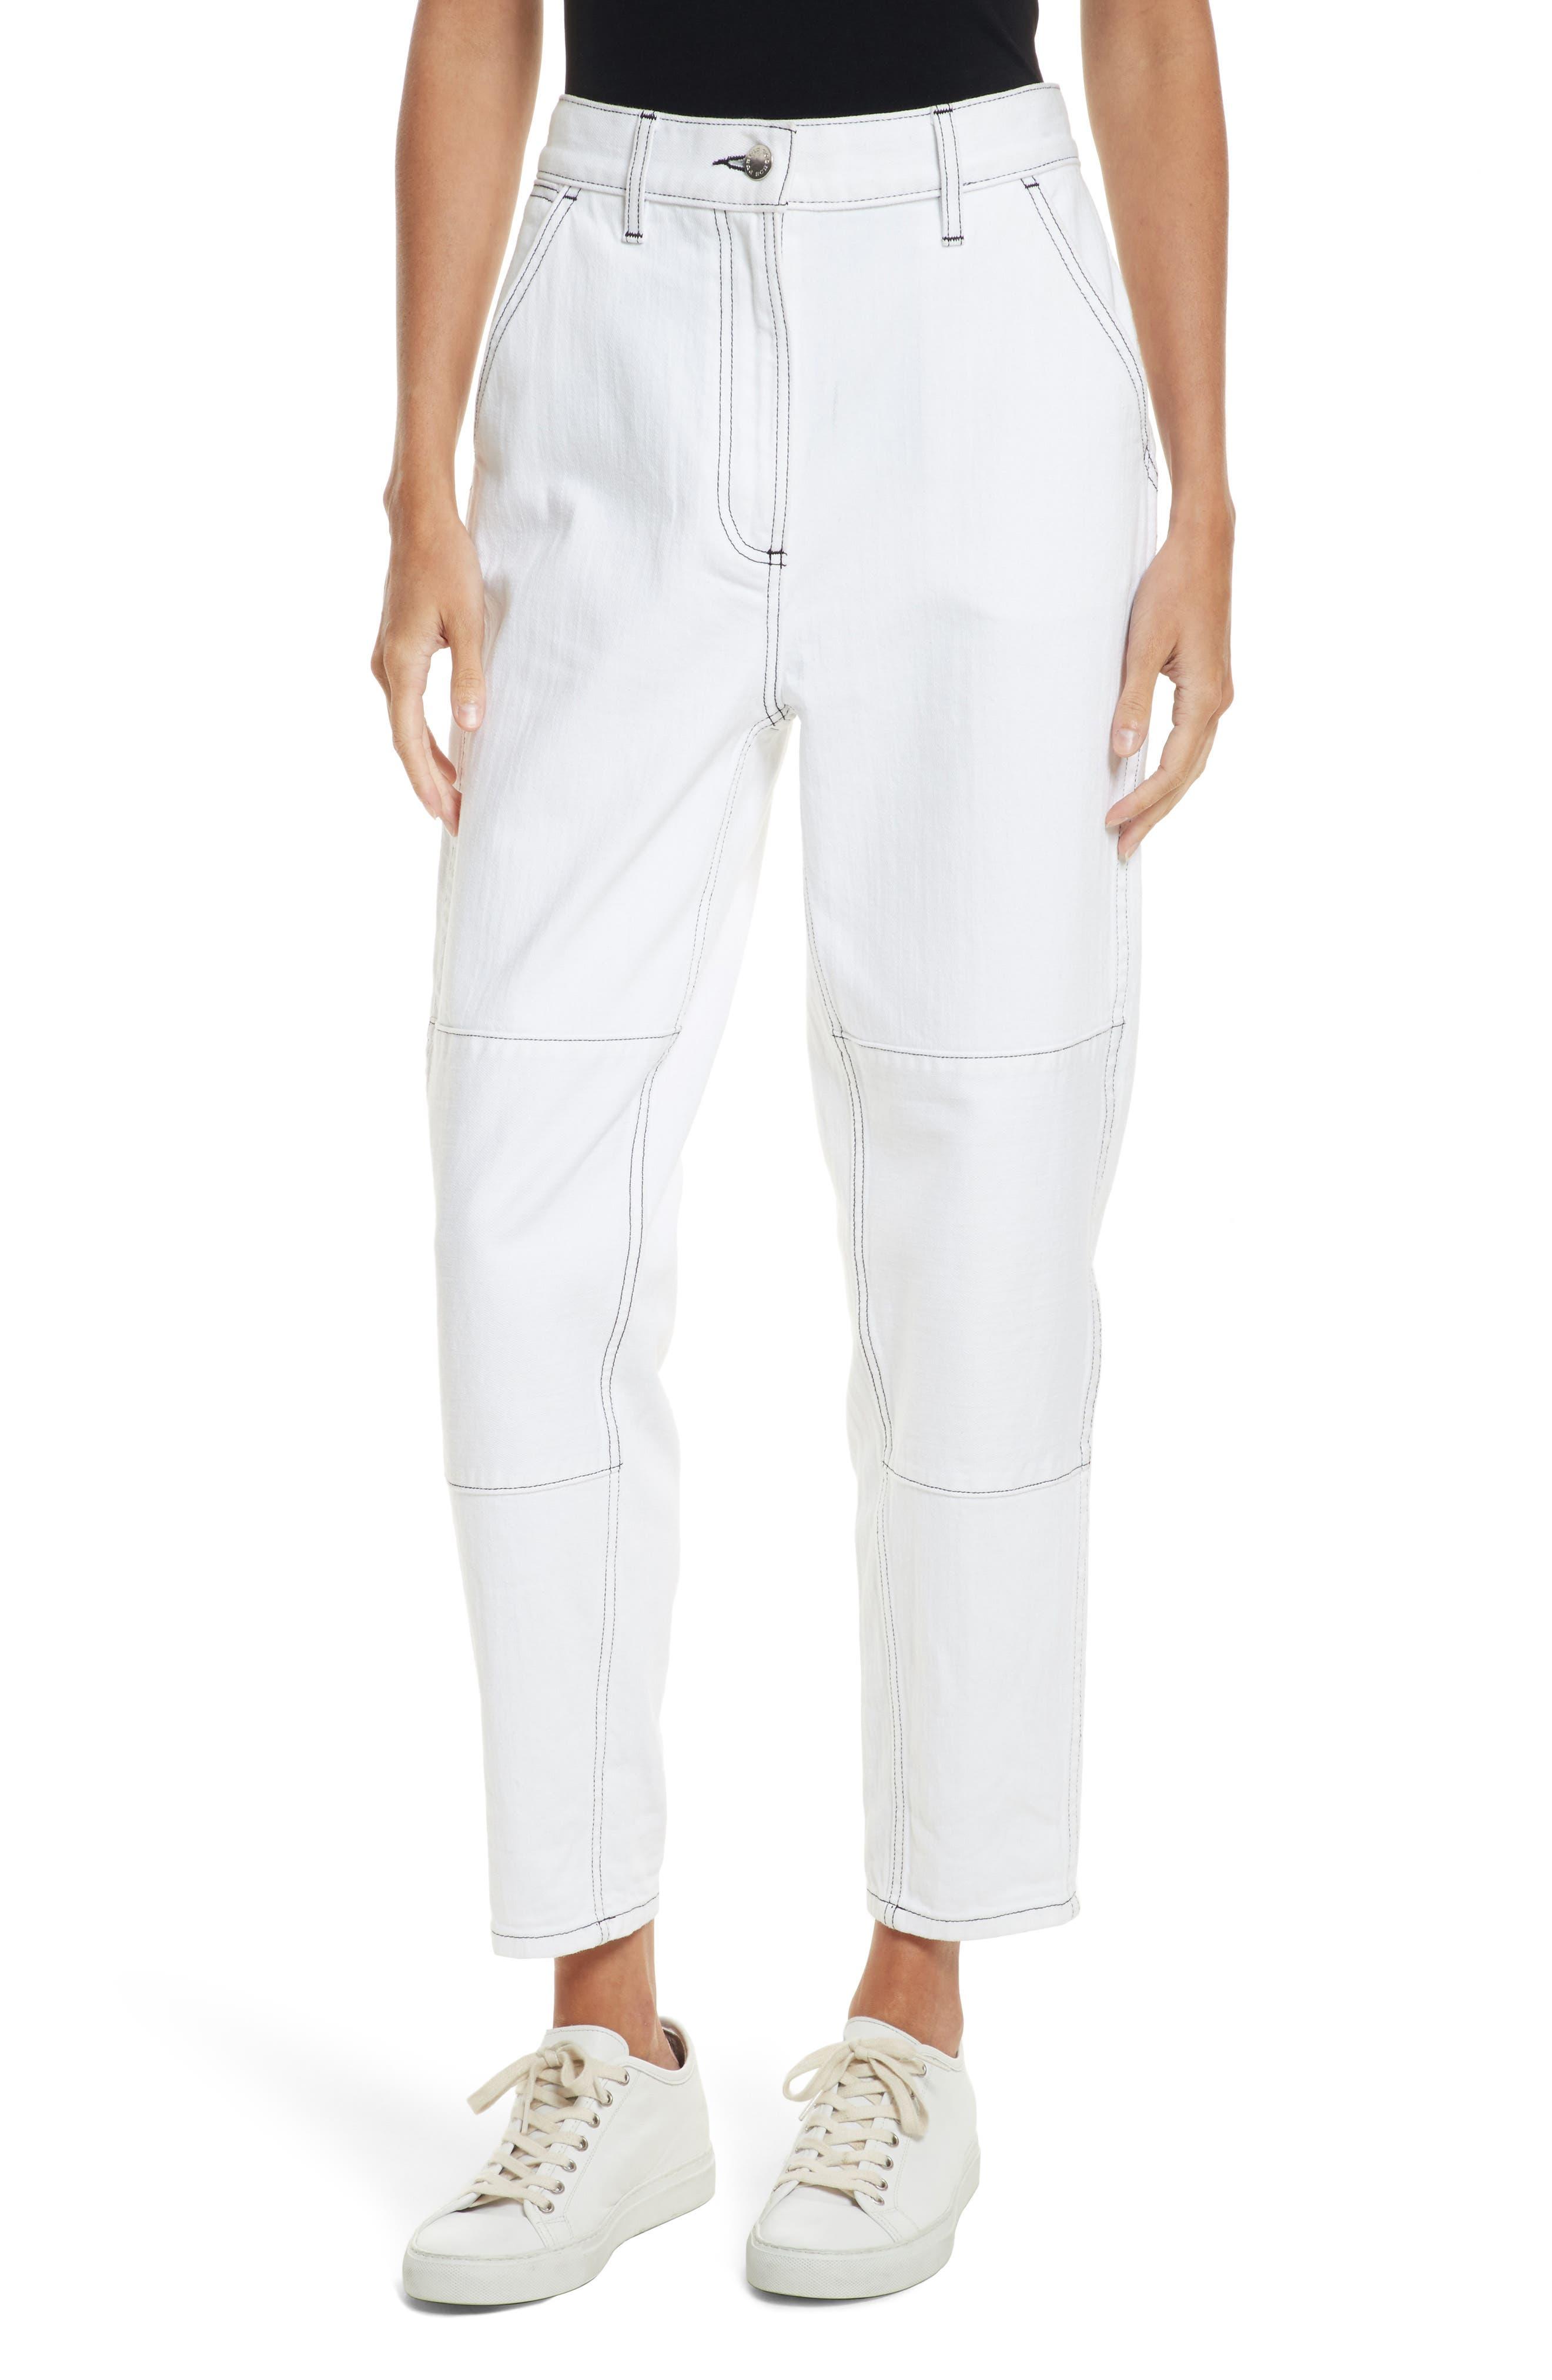 Pamela Ankle Jeans,                         Main,                         color, 100